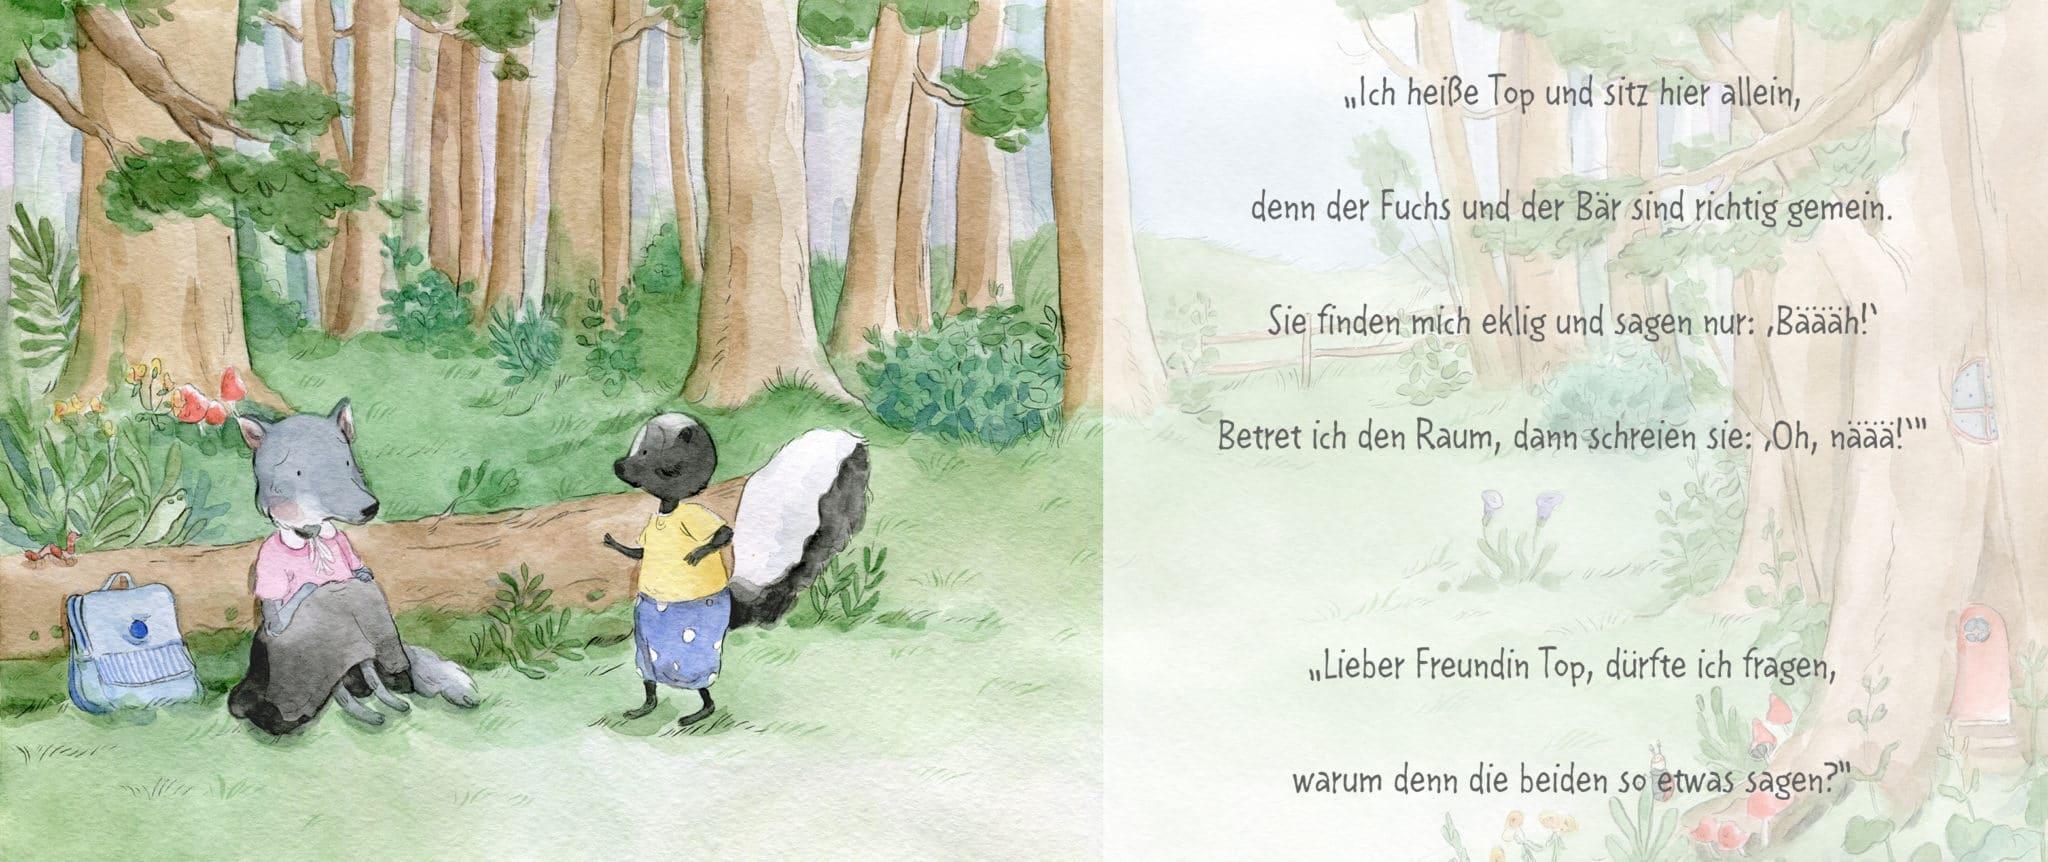 Peckelston Kinderbuchverlag Popeln, Rülpsen und Pupsen Rouven Stenneken Saeideh Keshavarz